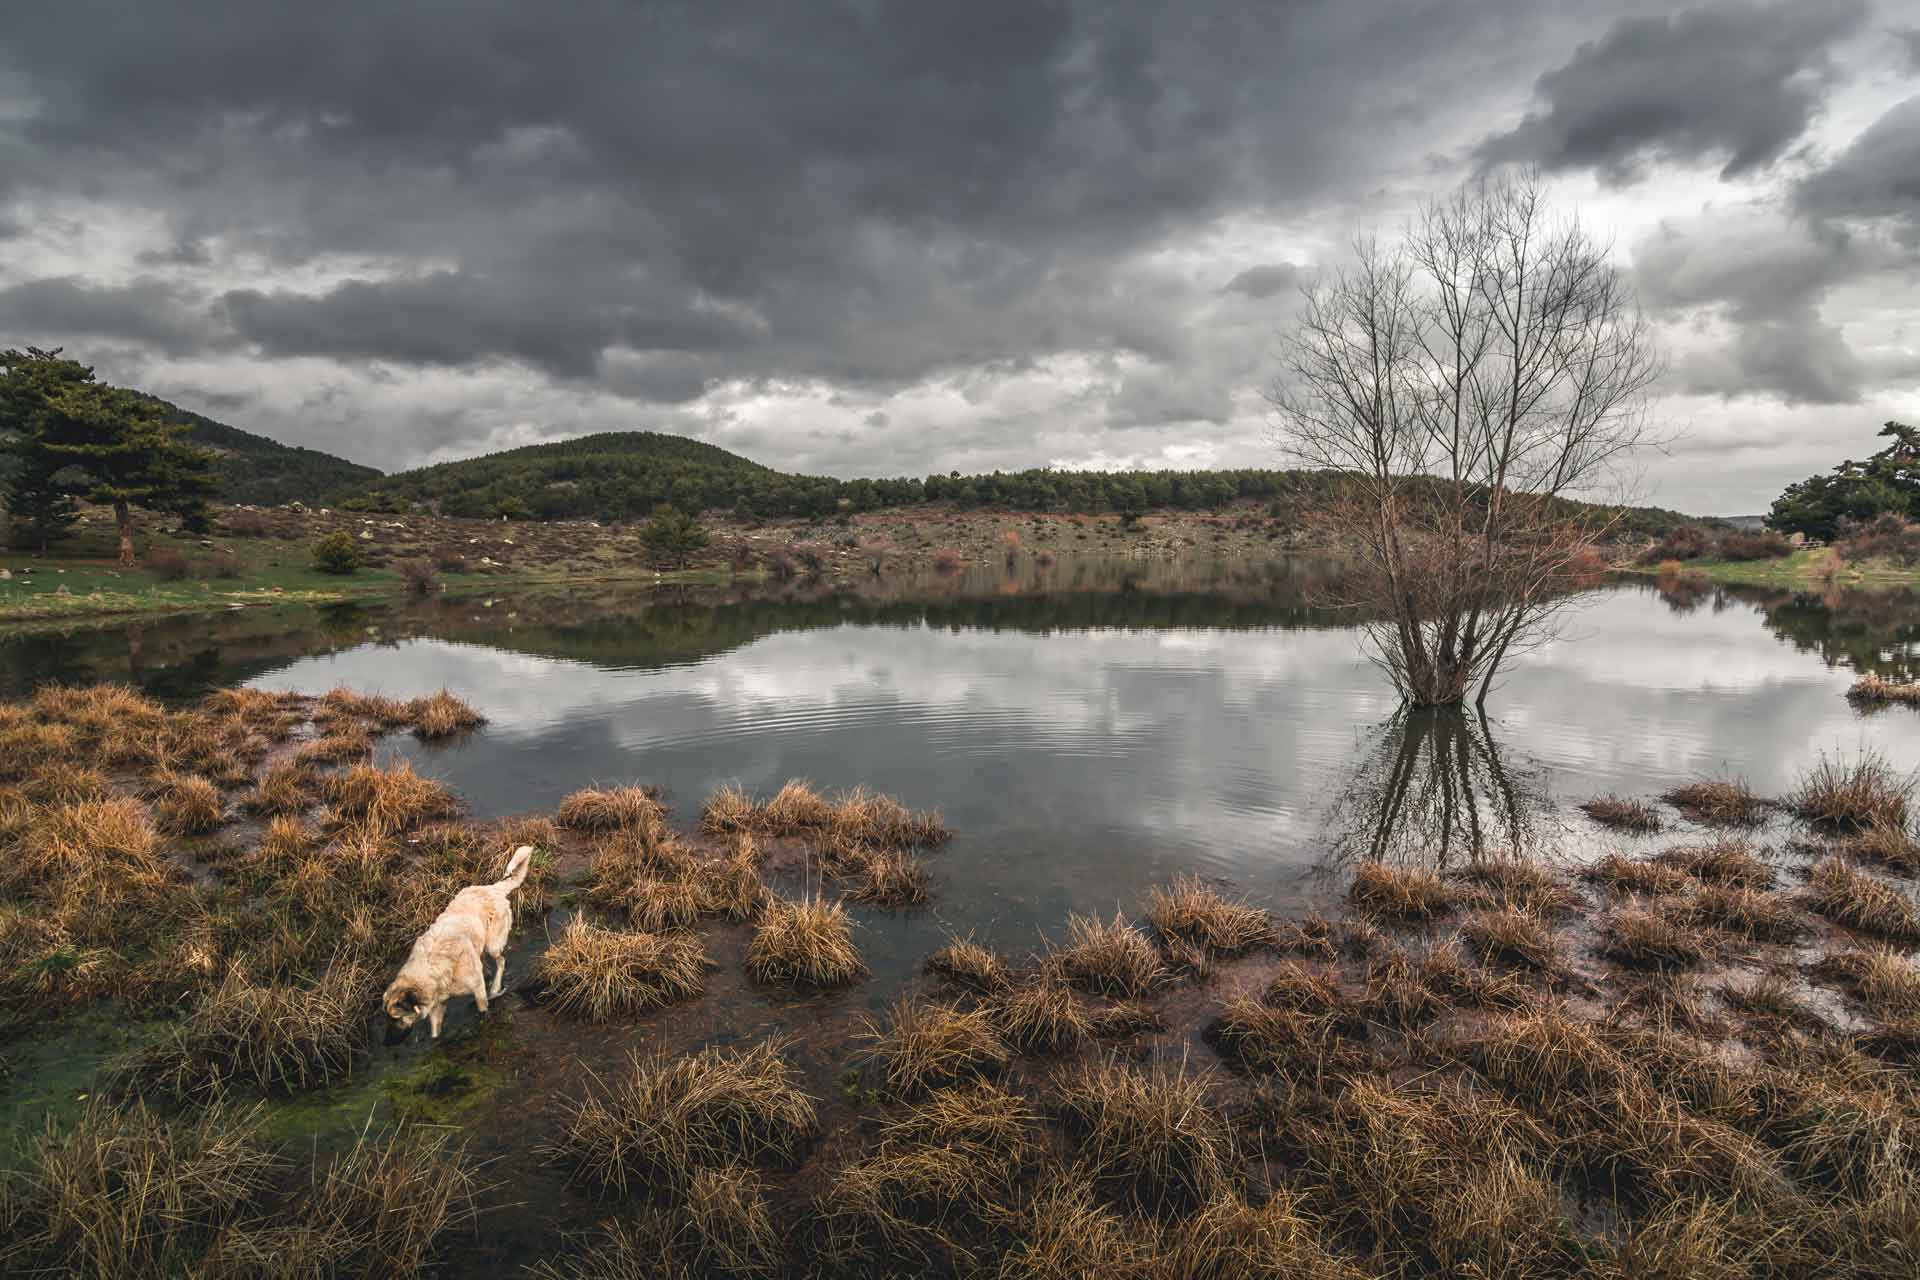 Sorgun Göleti Tabiat Parkı Sorgun Göleti Kamp Alanı Sorgun Göleti Mangal Sorgun Göleti çadır Sorgun Göleti fotoğrafları Çekergezer Hakan Aydın